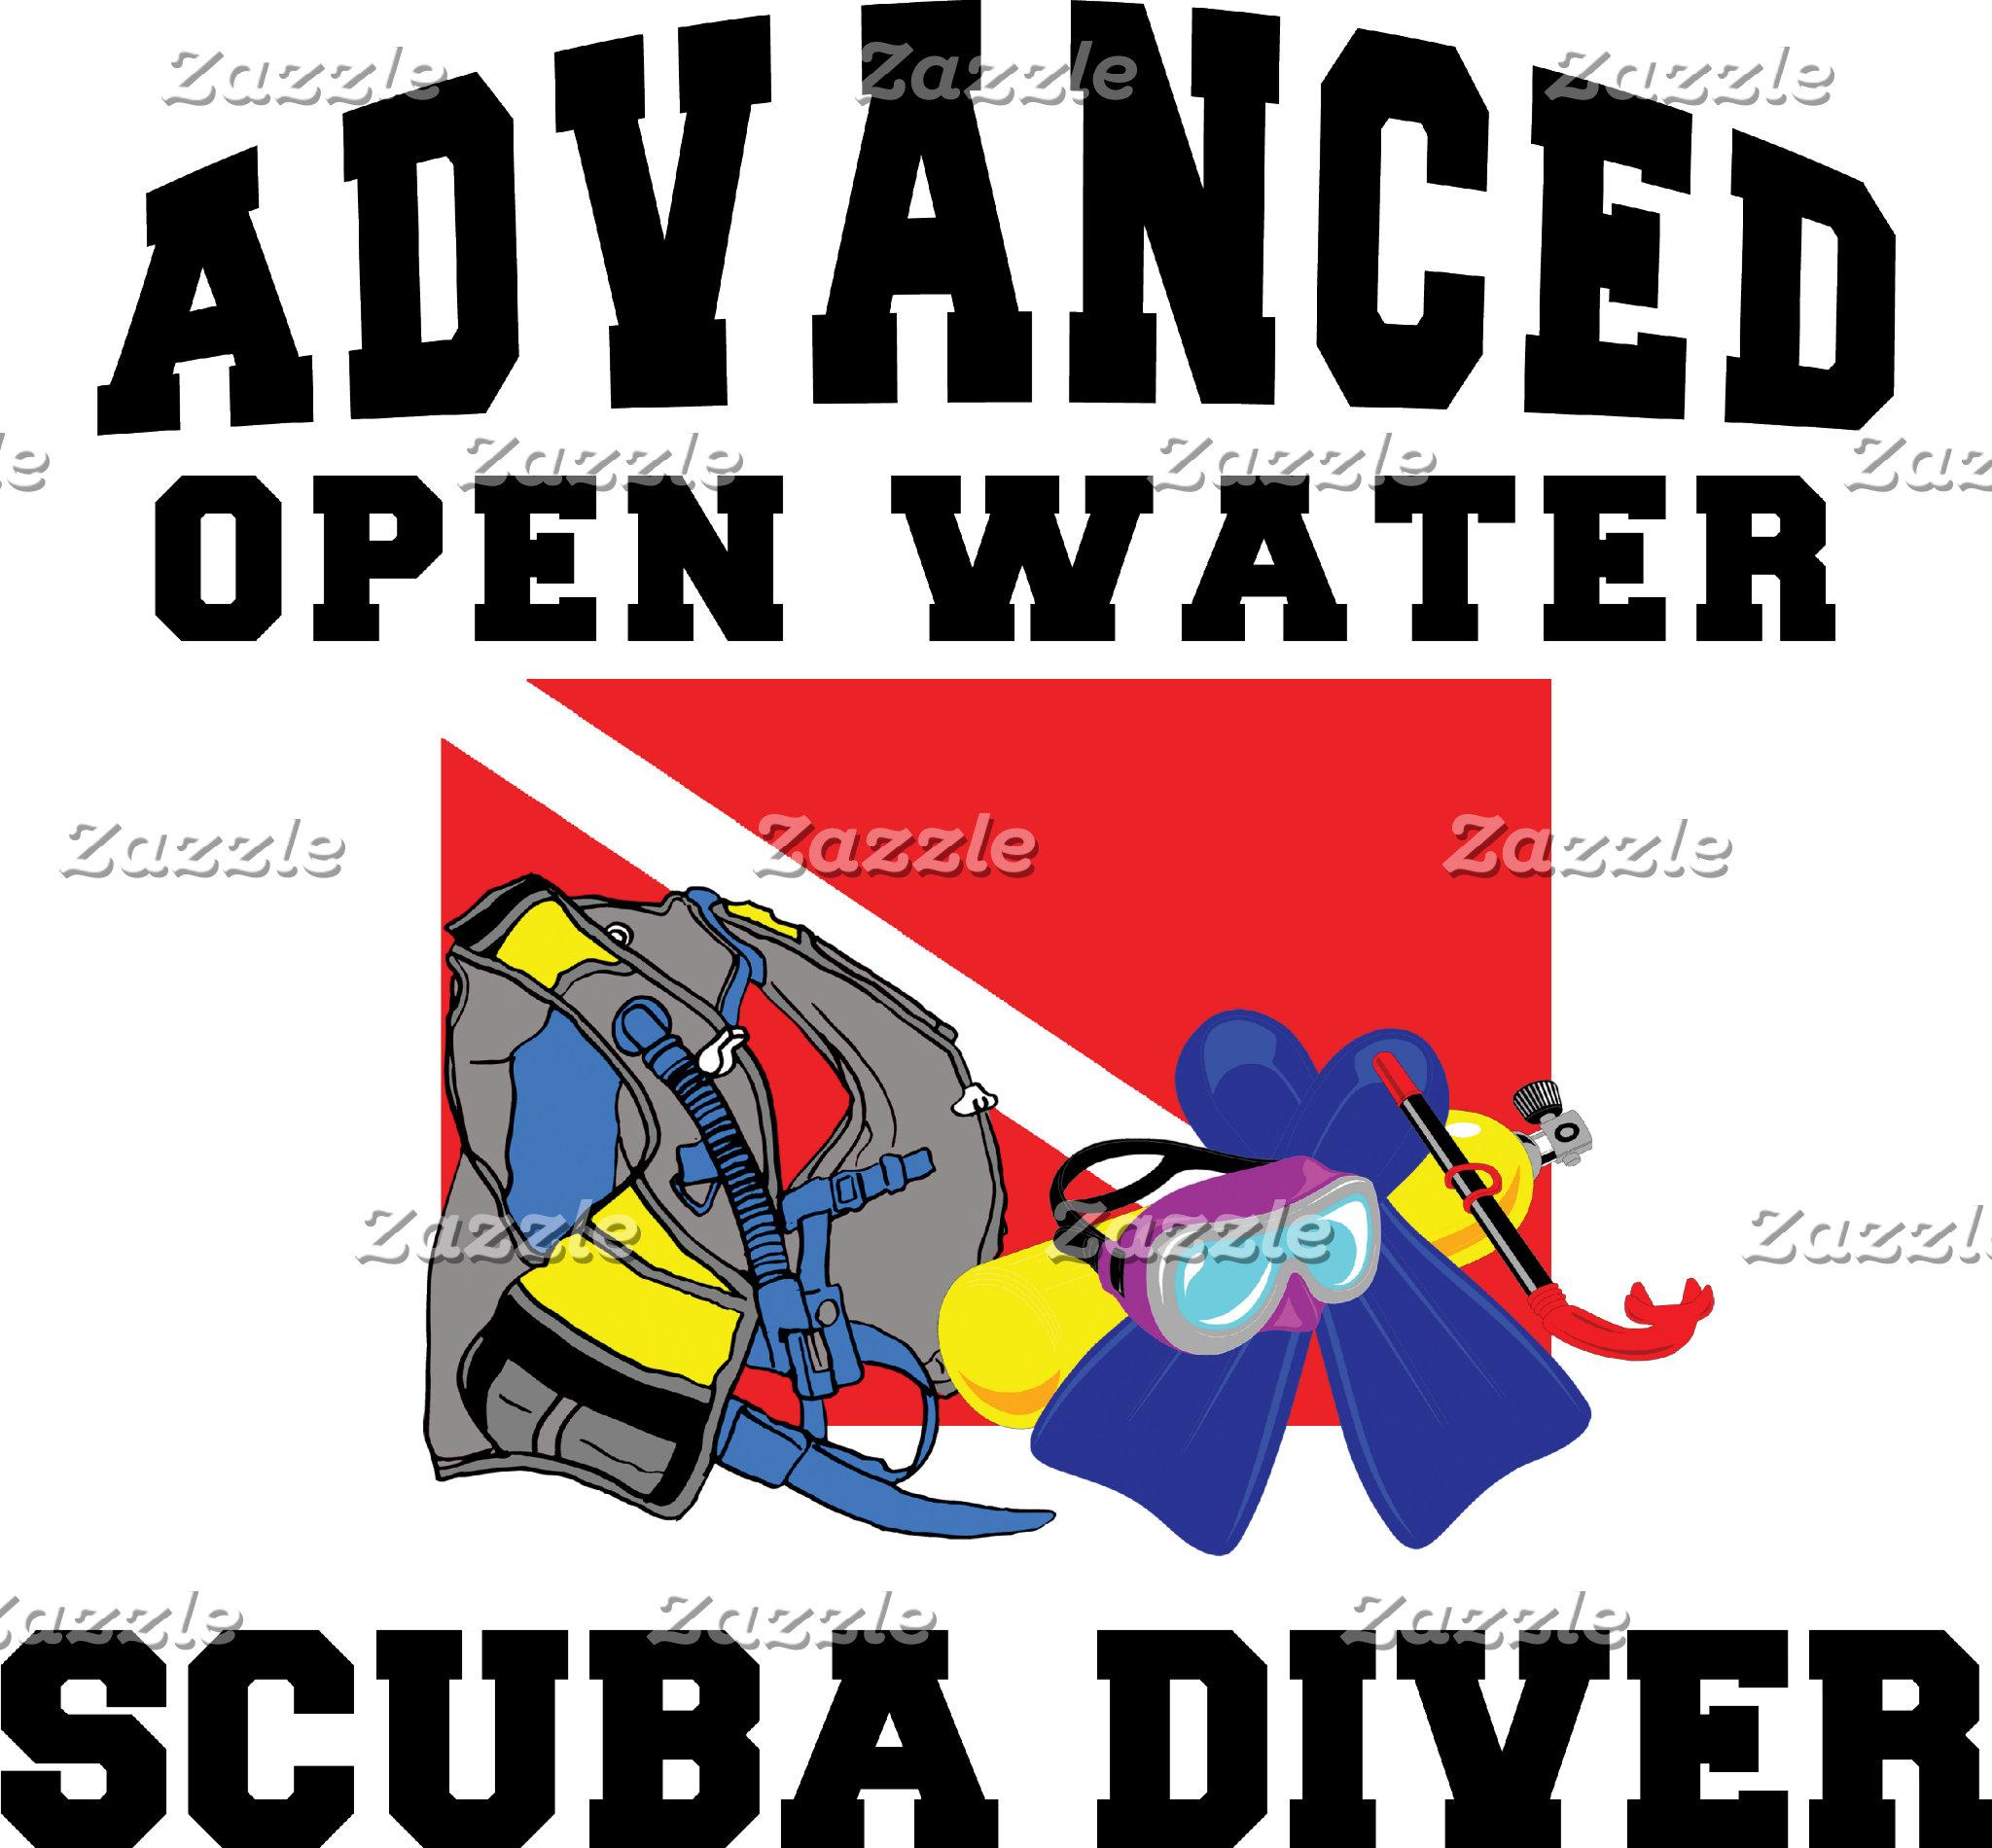 Advanced Open Water SCUBA Diver T-Shirt Gifts